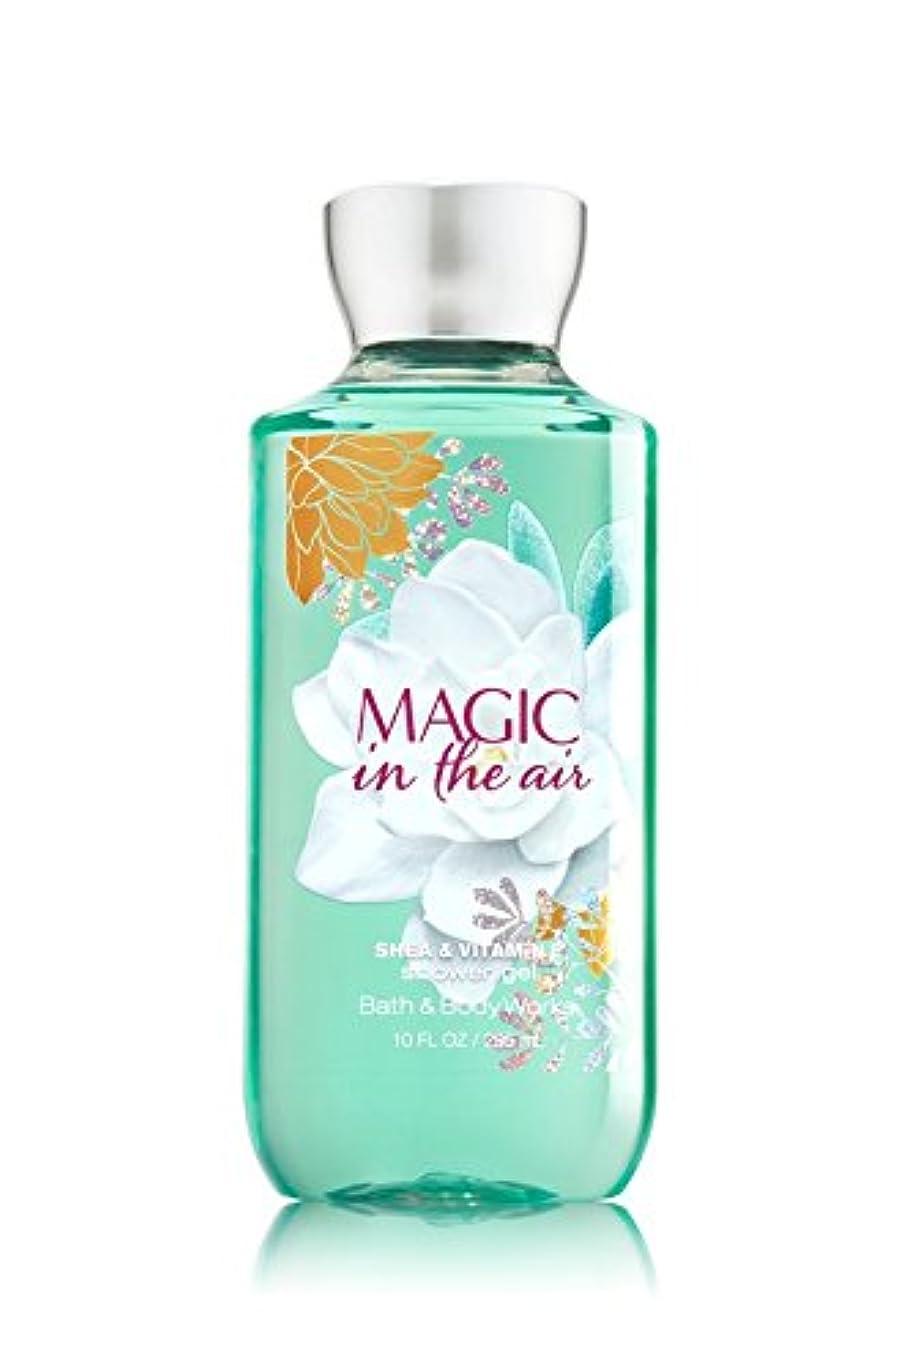 死んでいるスペード年齢【Bath&Body Works/バス&ボディワークス】 シャワージェル マジックインザエアー Shower Gel Magic in the Air 10 fl oz / 295 mL [並行輸入品]